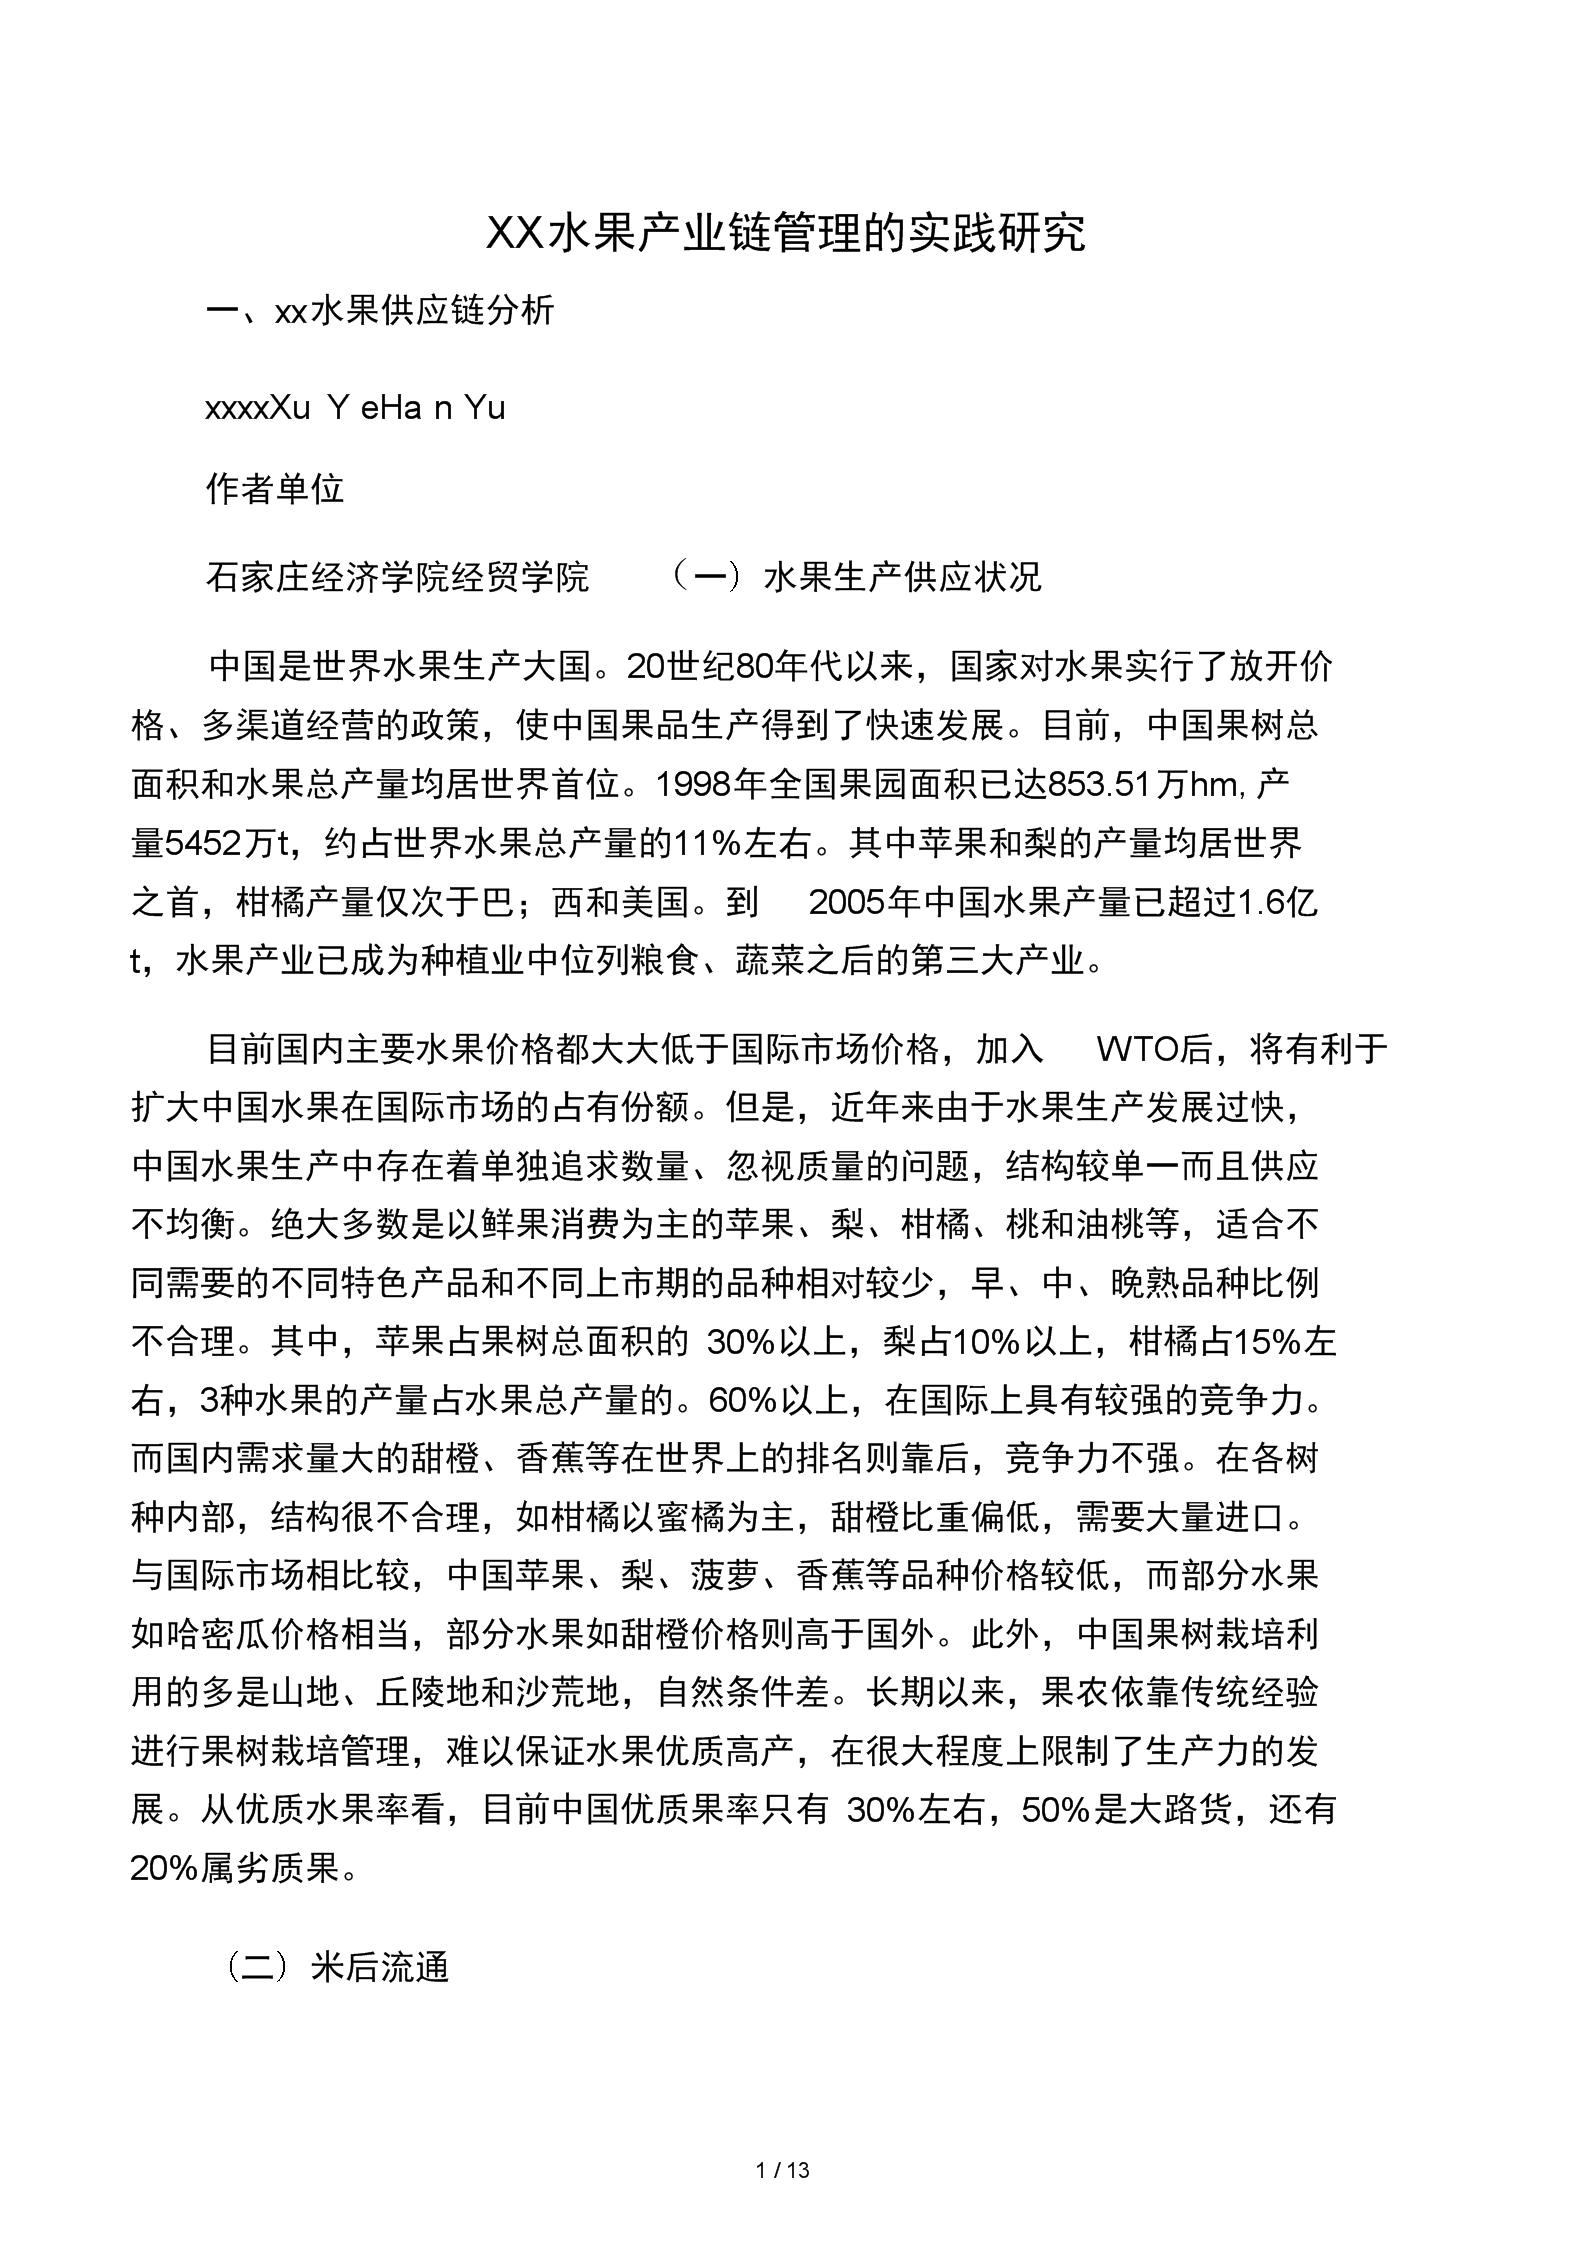 2020中国水果产业链管理的实践研究.docx